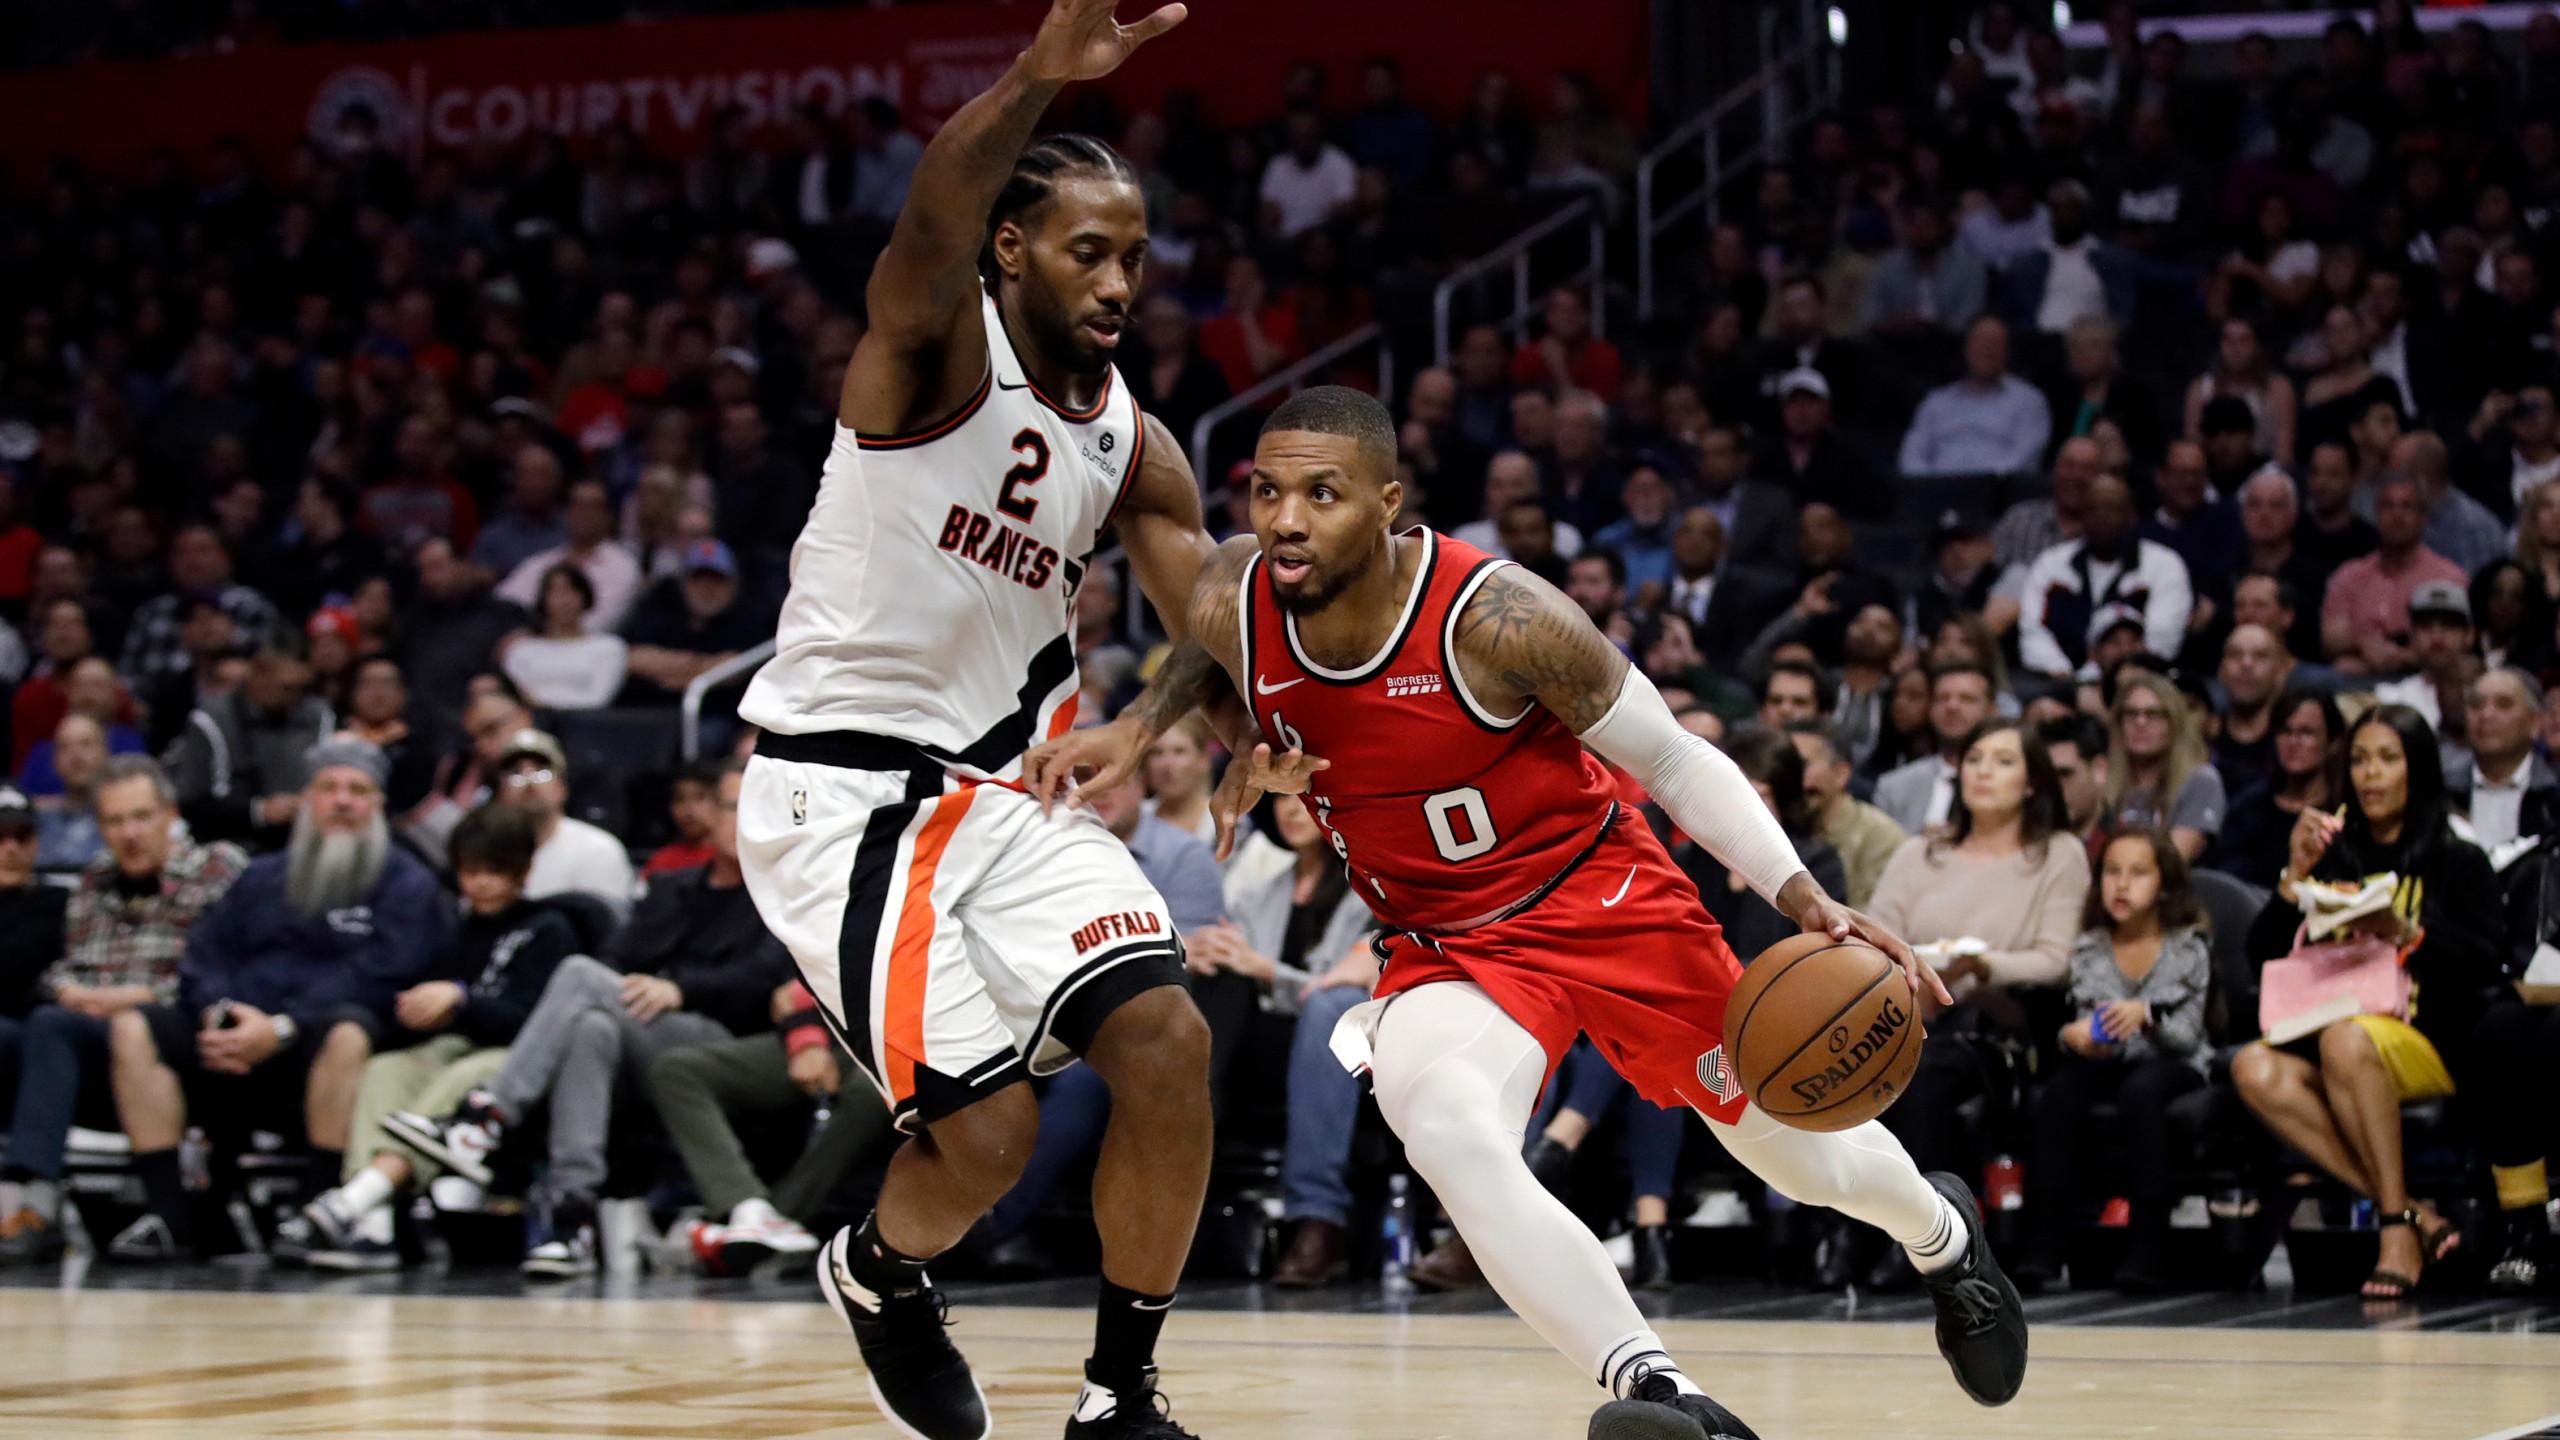 НБА: Клиперси на крилата на Ленард го средија Портланд, Шарлот немаше шанси со Бостон (видео)